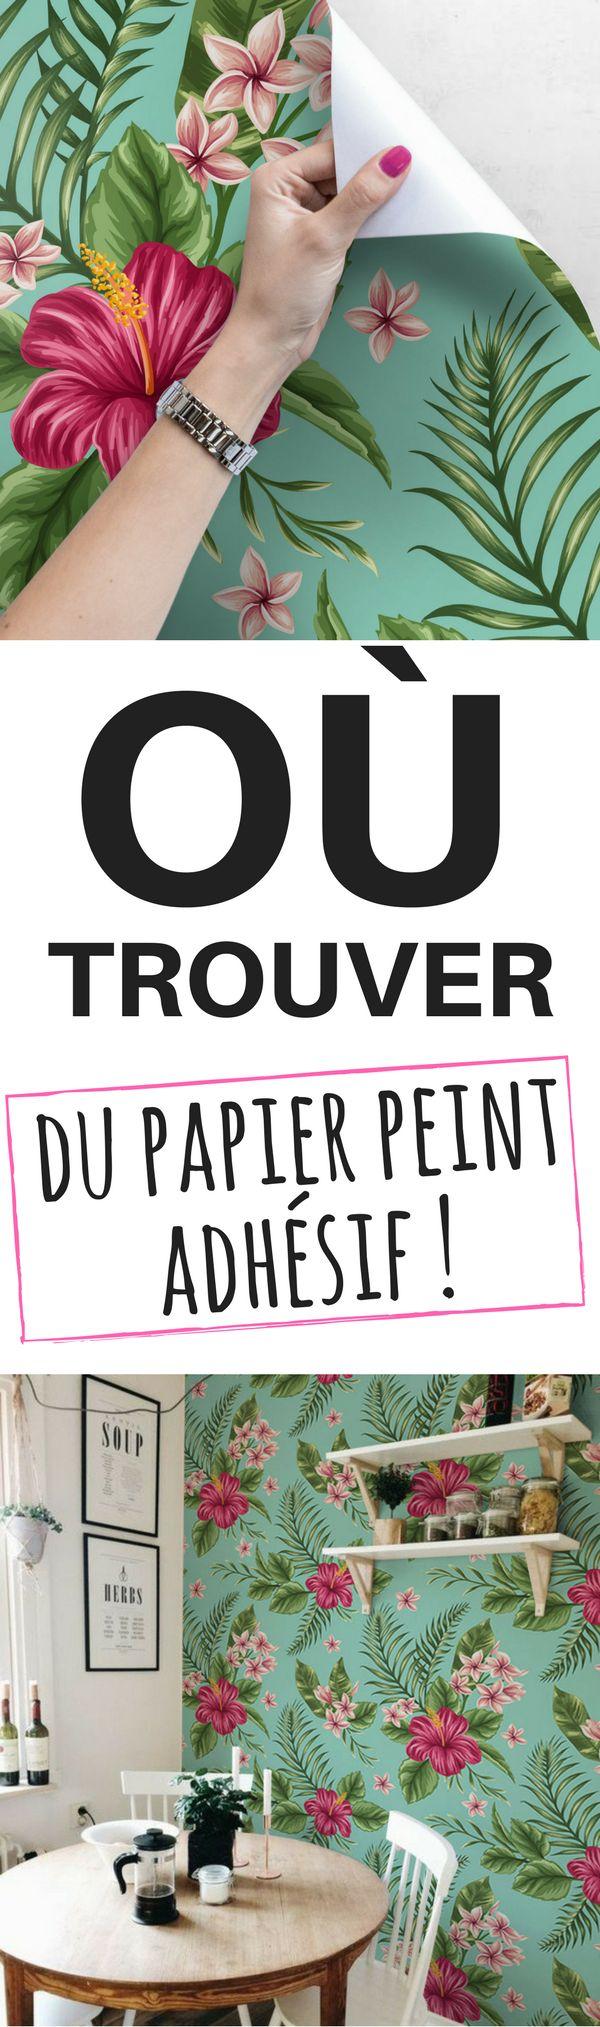 Le Papier Peint Adhésif et Autocollant : Le Guide Complet